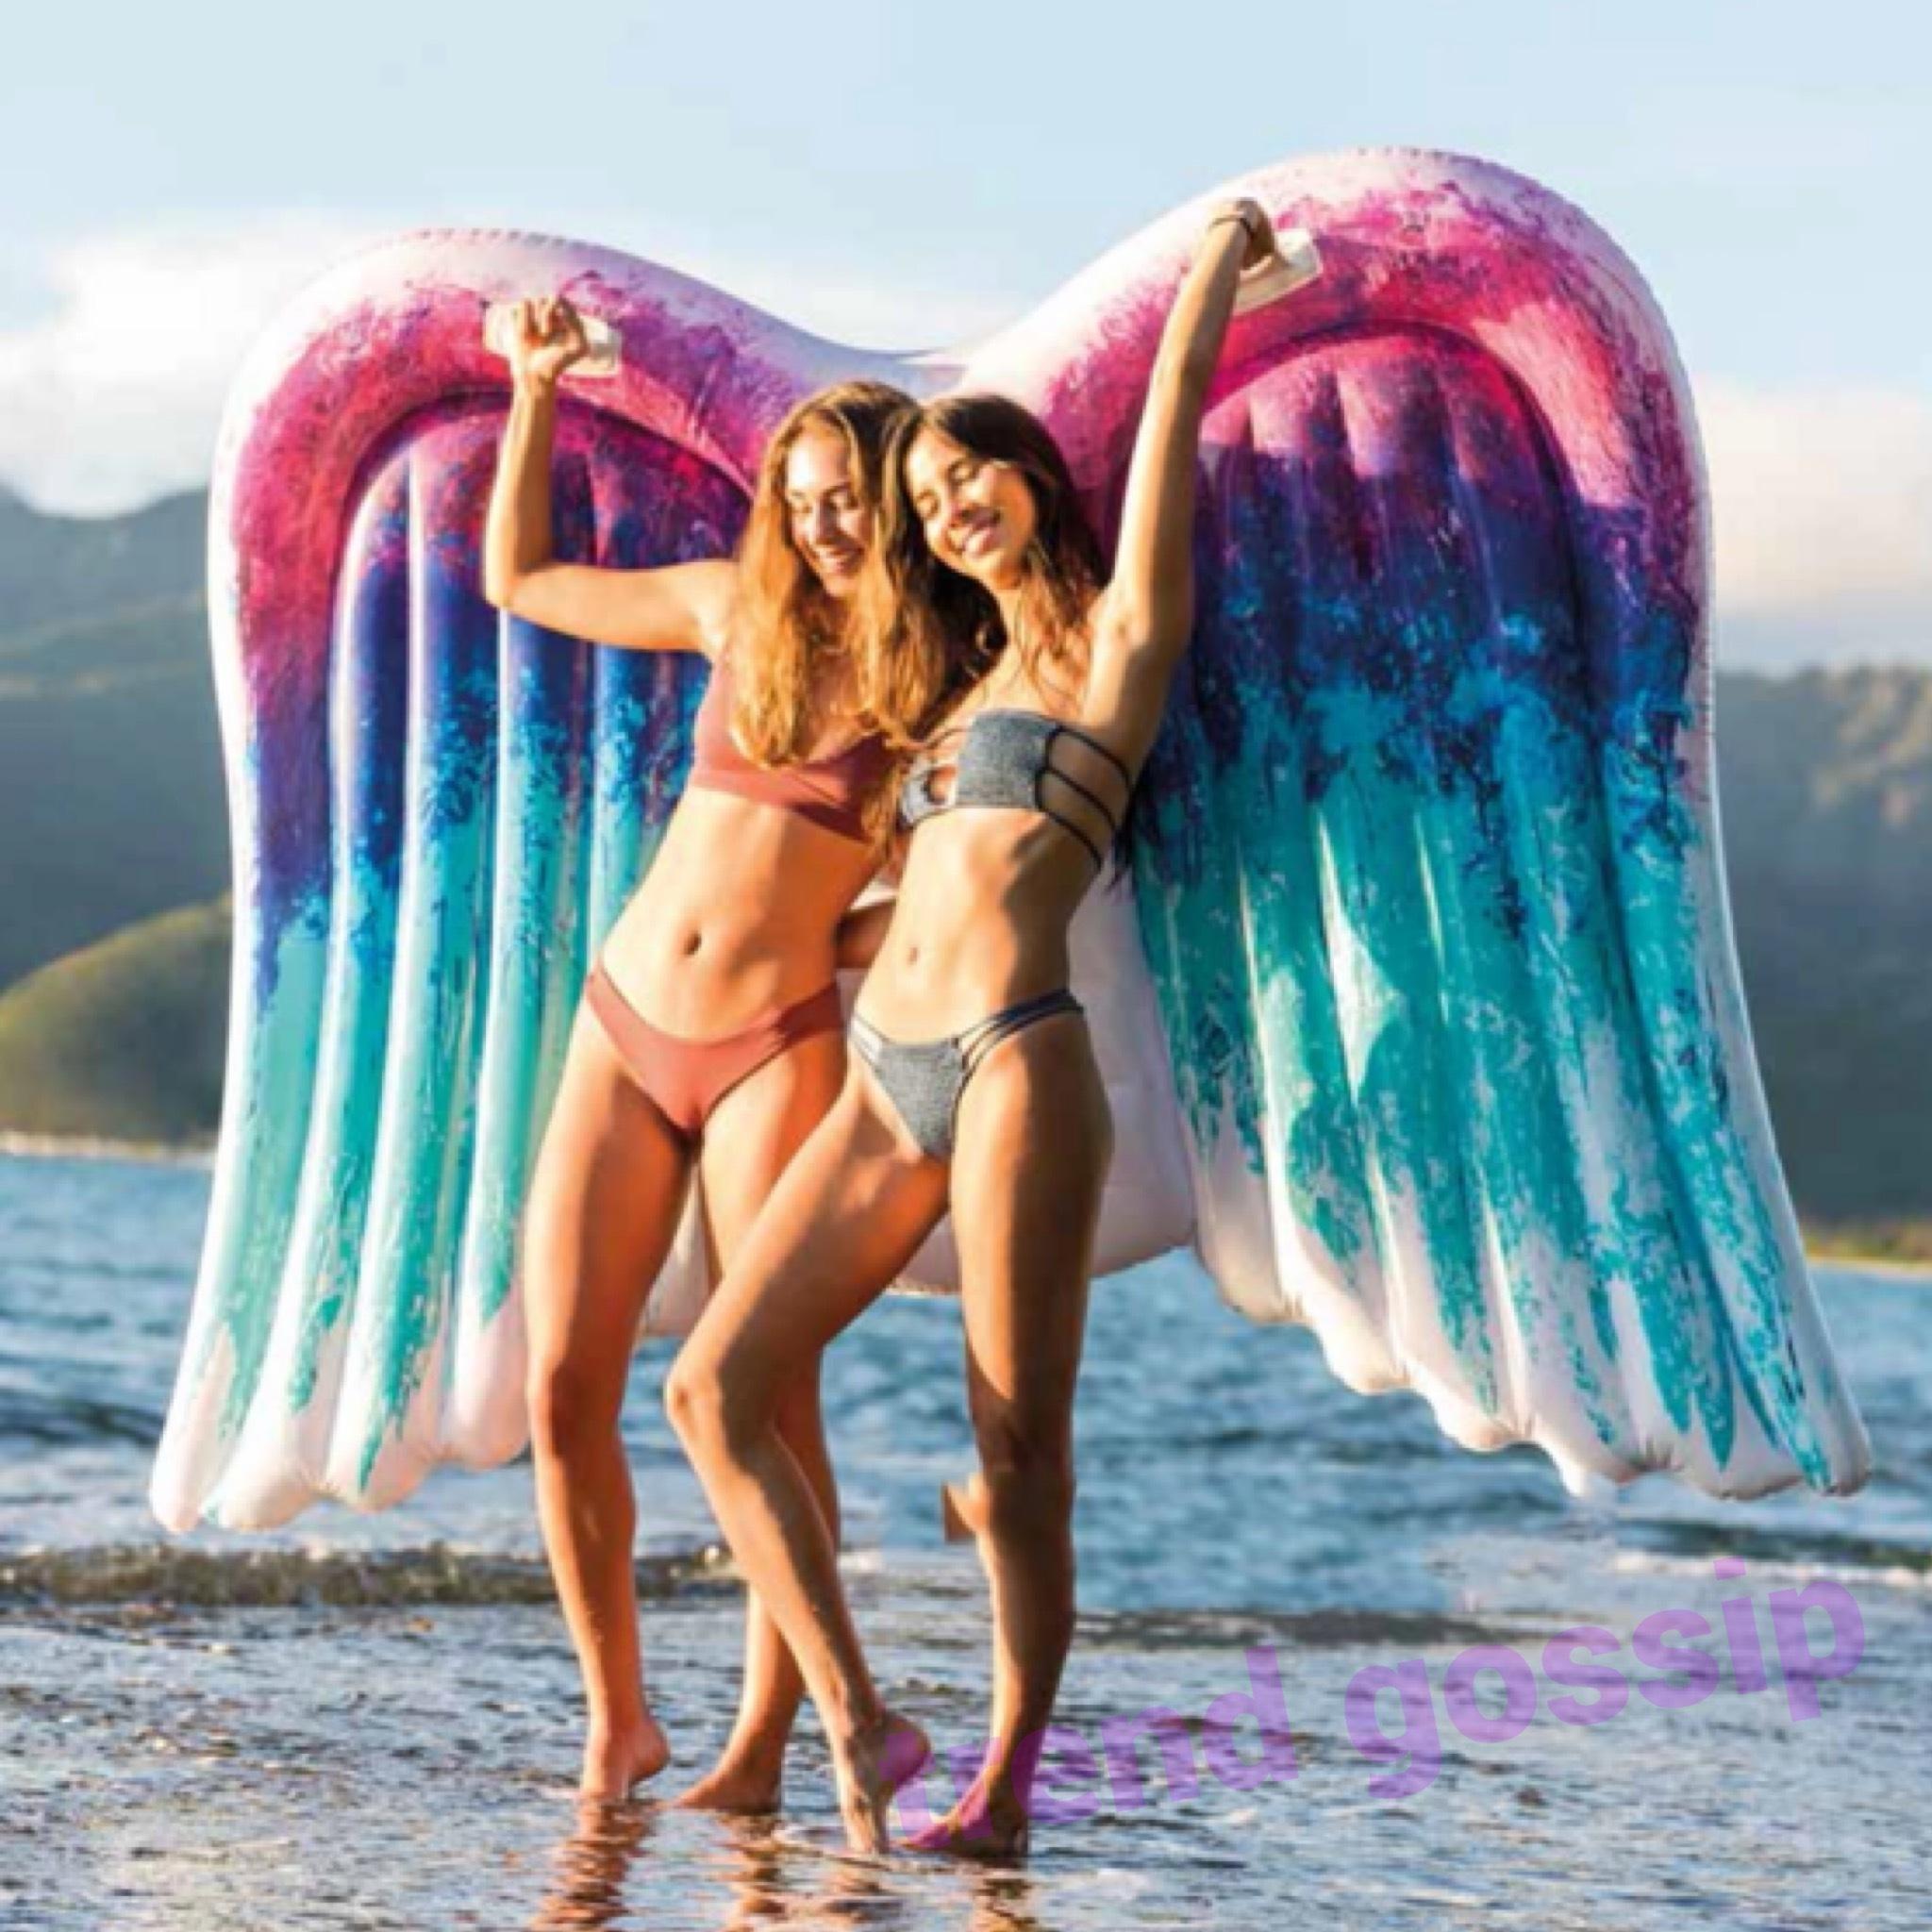 【即納】ANGELWINGアートフロート/浮輪/天使の羽/ハワイ/コレットミラー